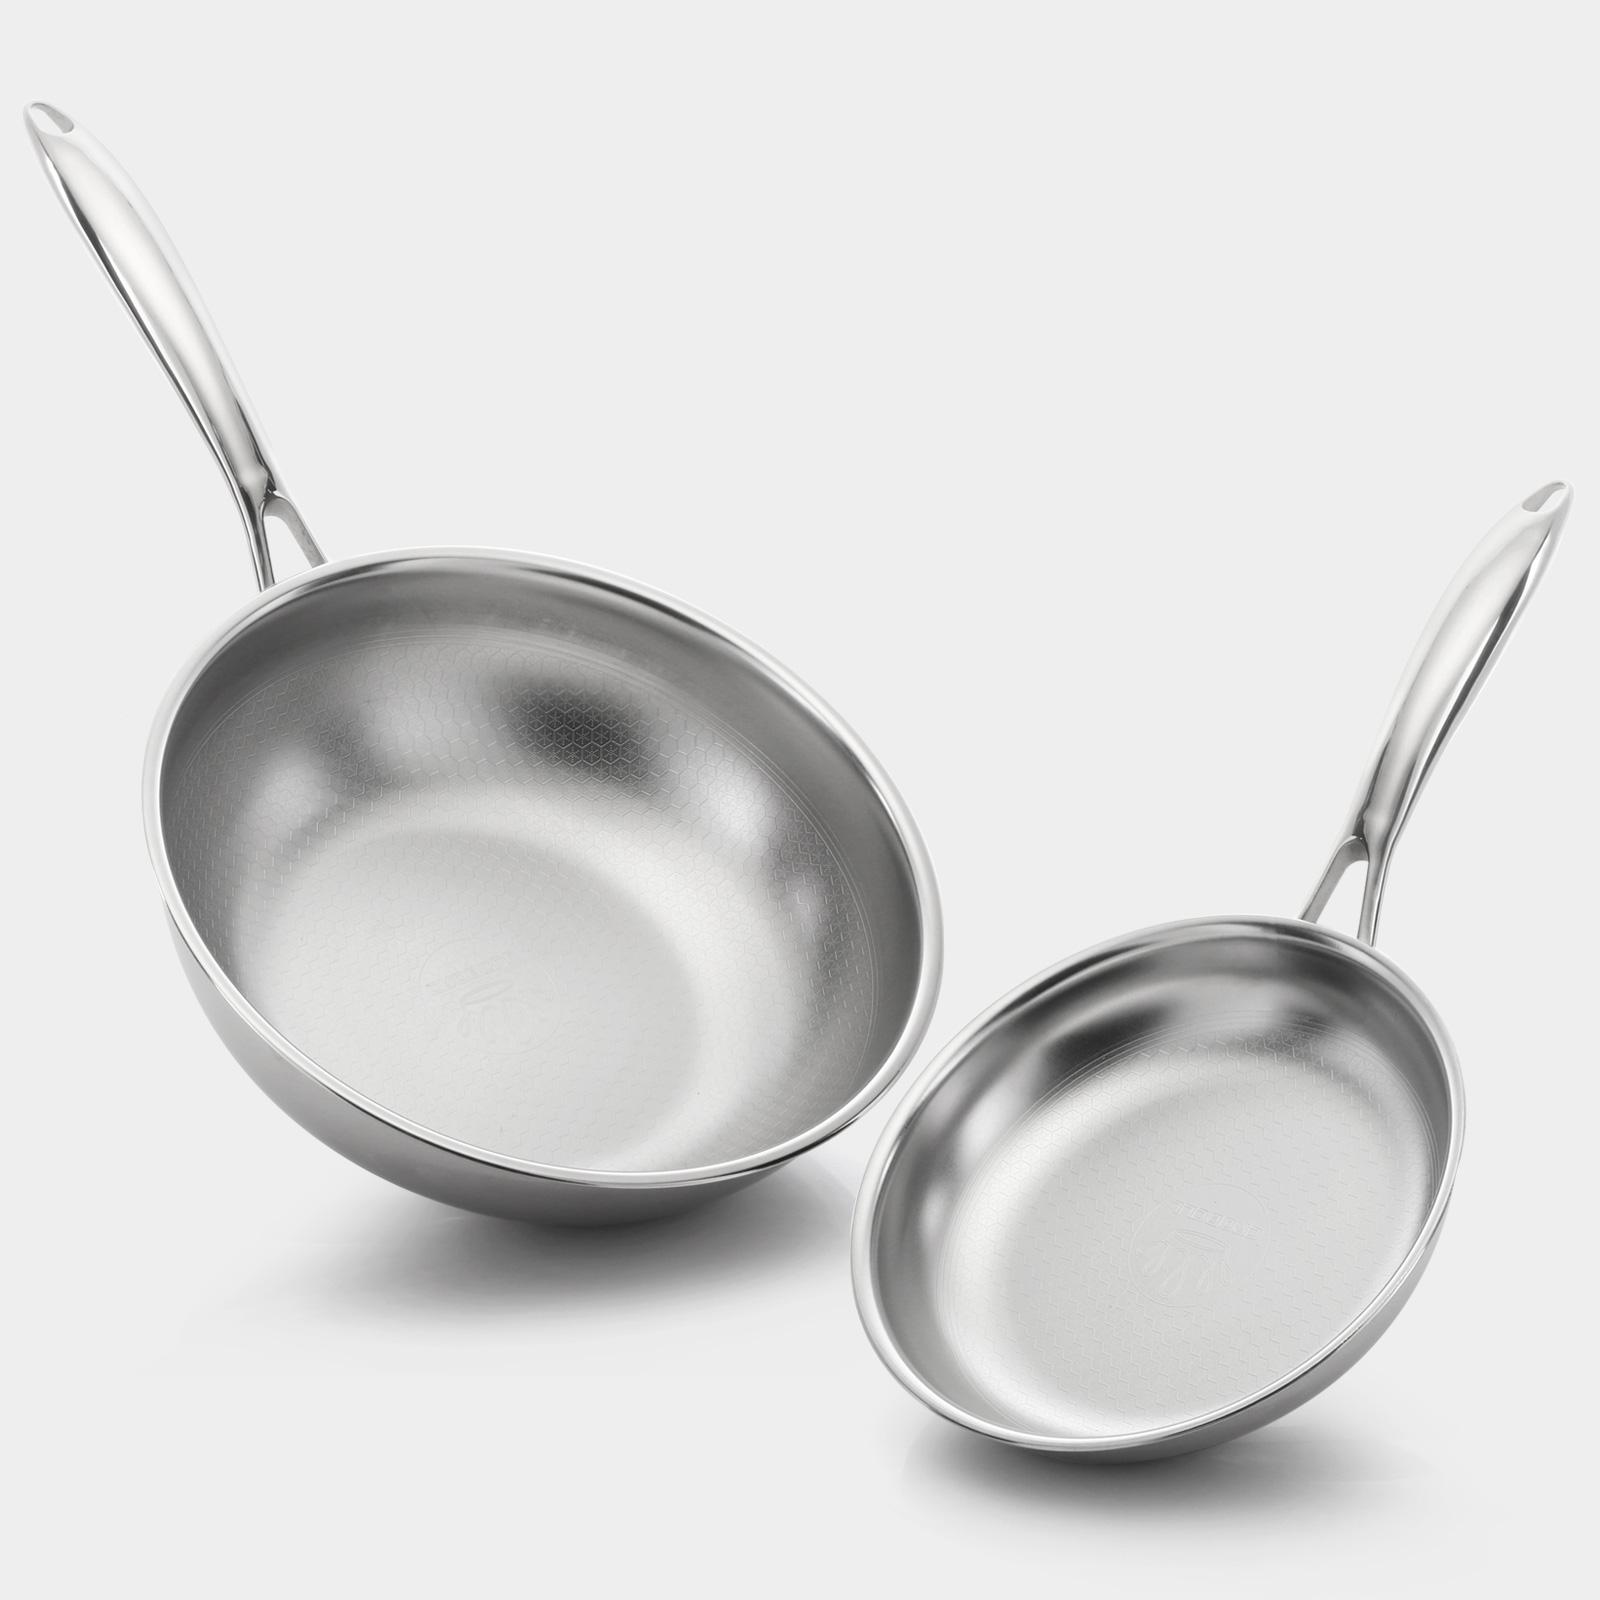 크로벨 허니컴 통3중 스텐레스 2종세트-후라이팬20cm/궁중팬26cm